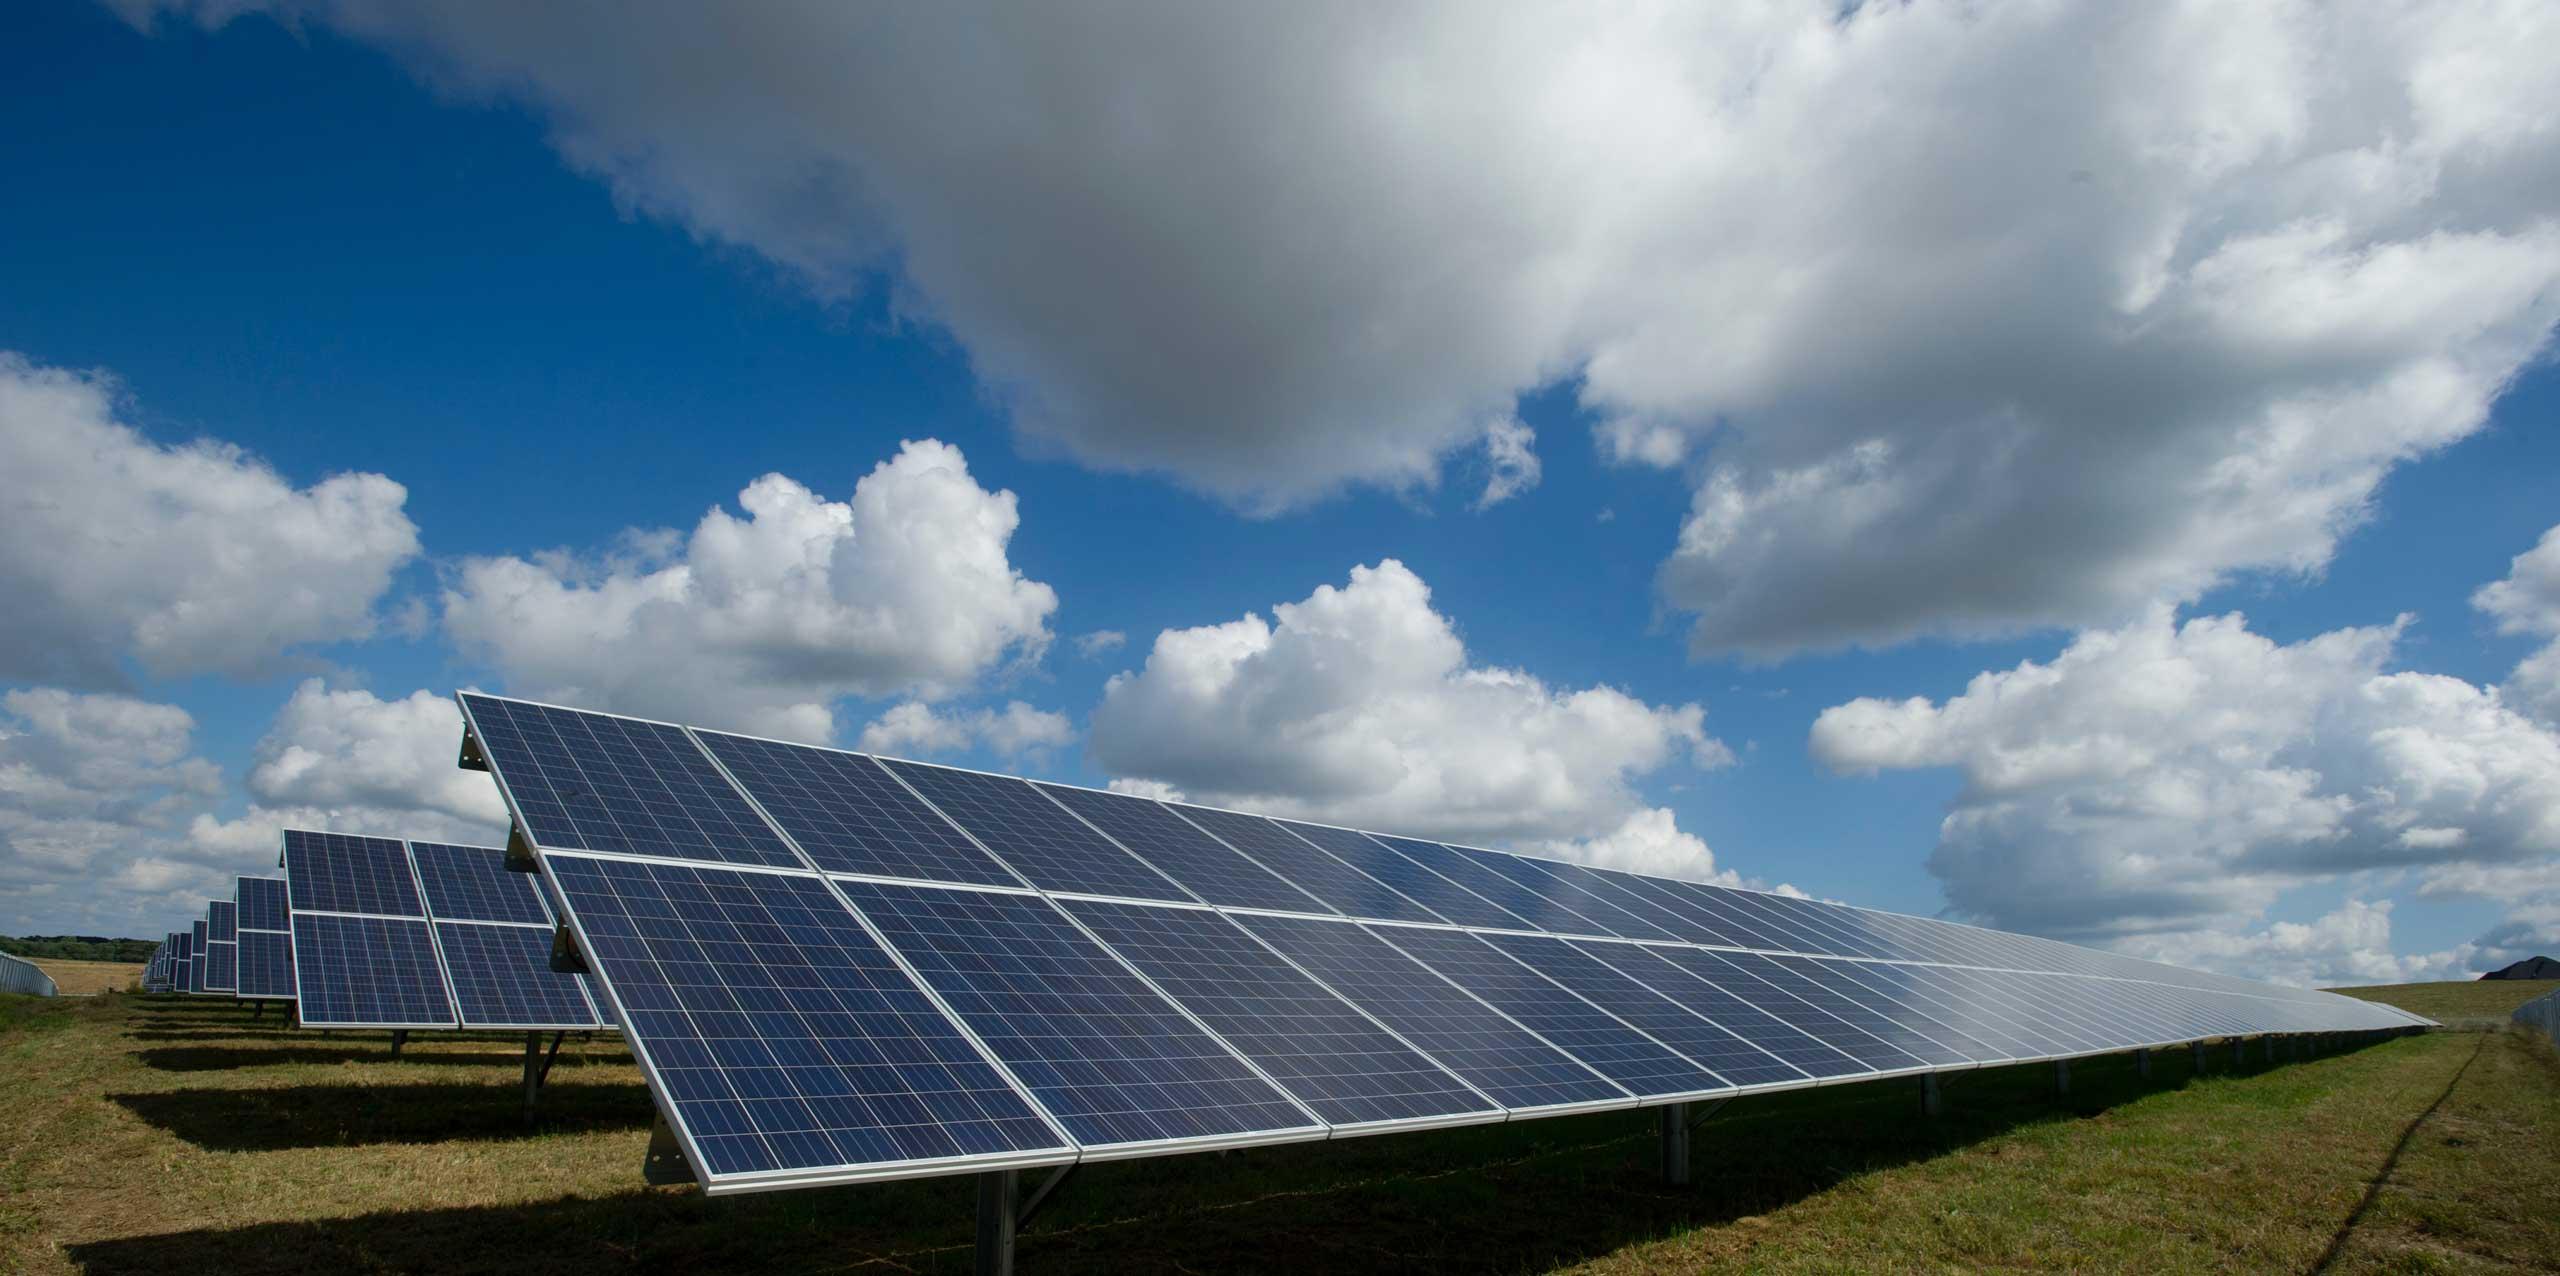 Ley de Eficiencia Energética: <br>Se abre consulta pública sobre criterios para determinar las empresas que deberán entregar información acerca de sus consumos de energía